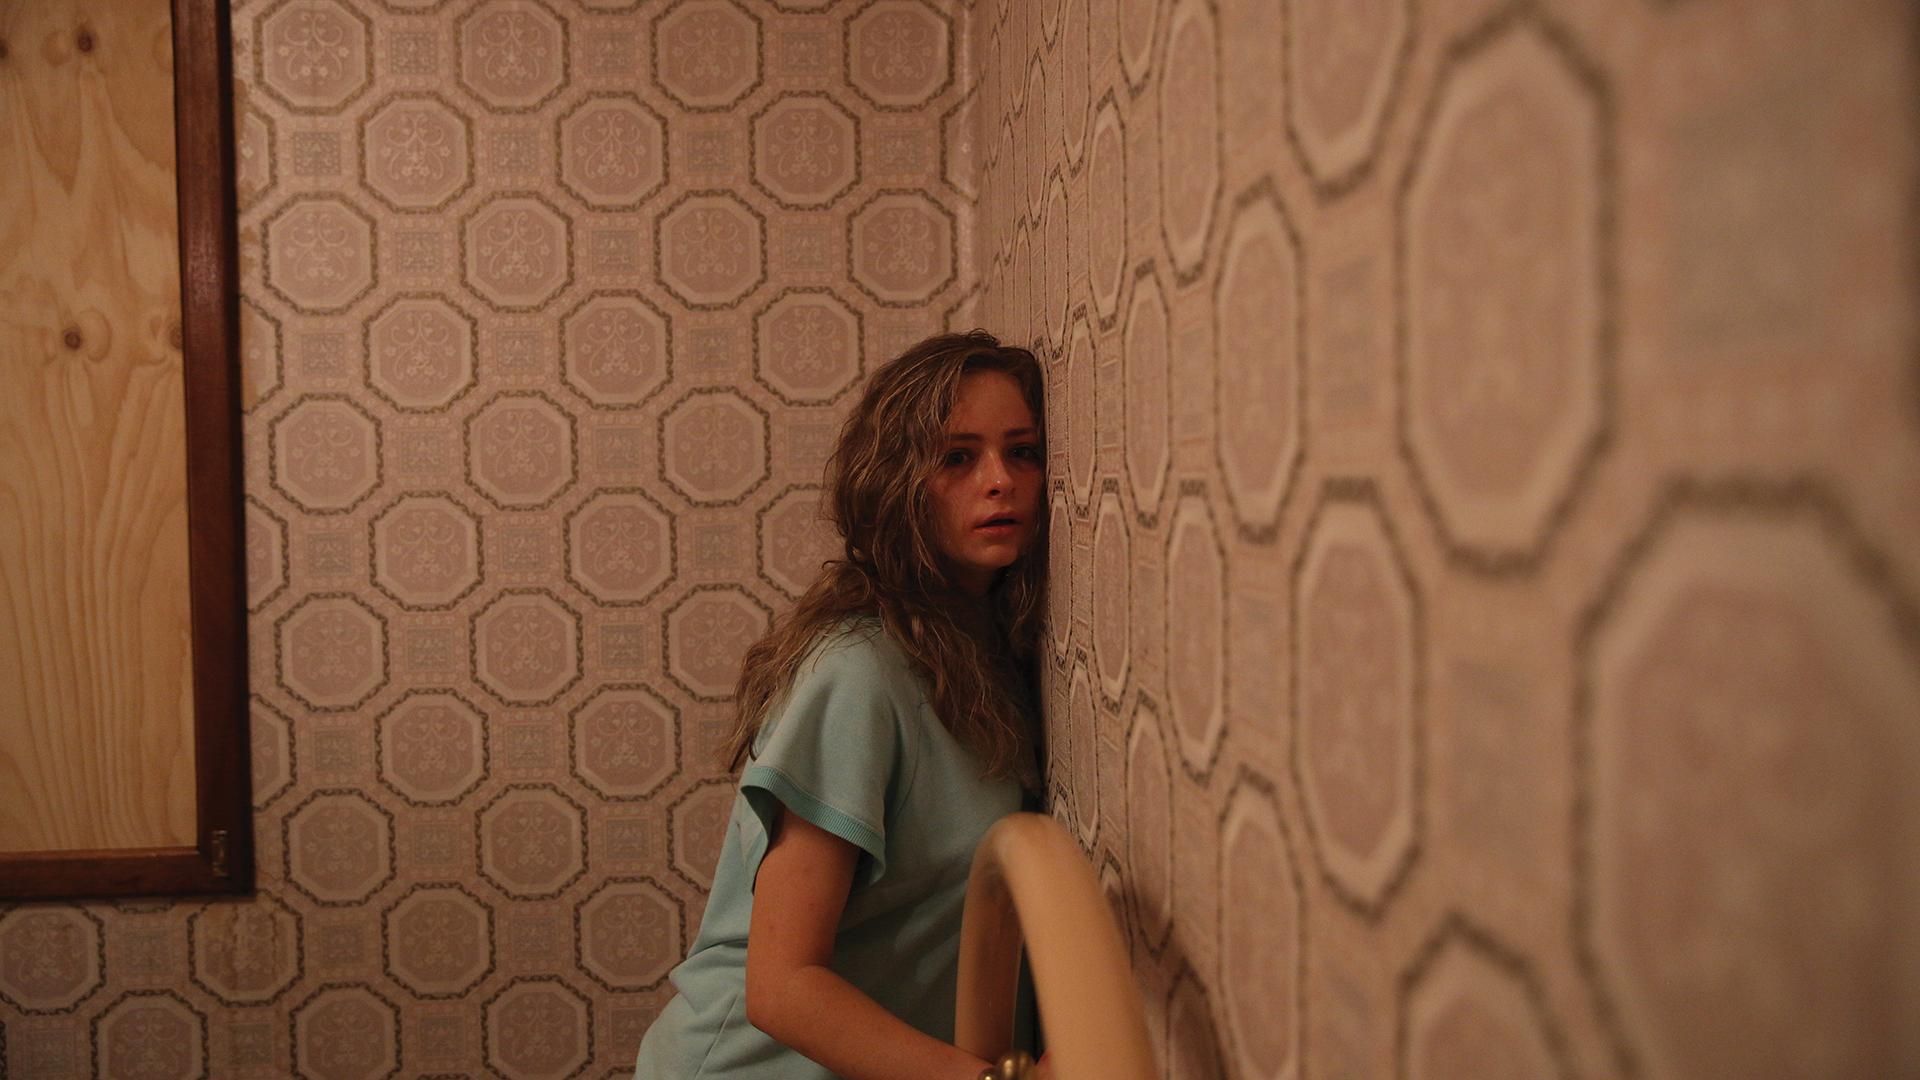 Tribeca Film Festival Review – 'Hounds of Love'